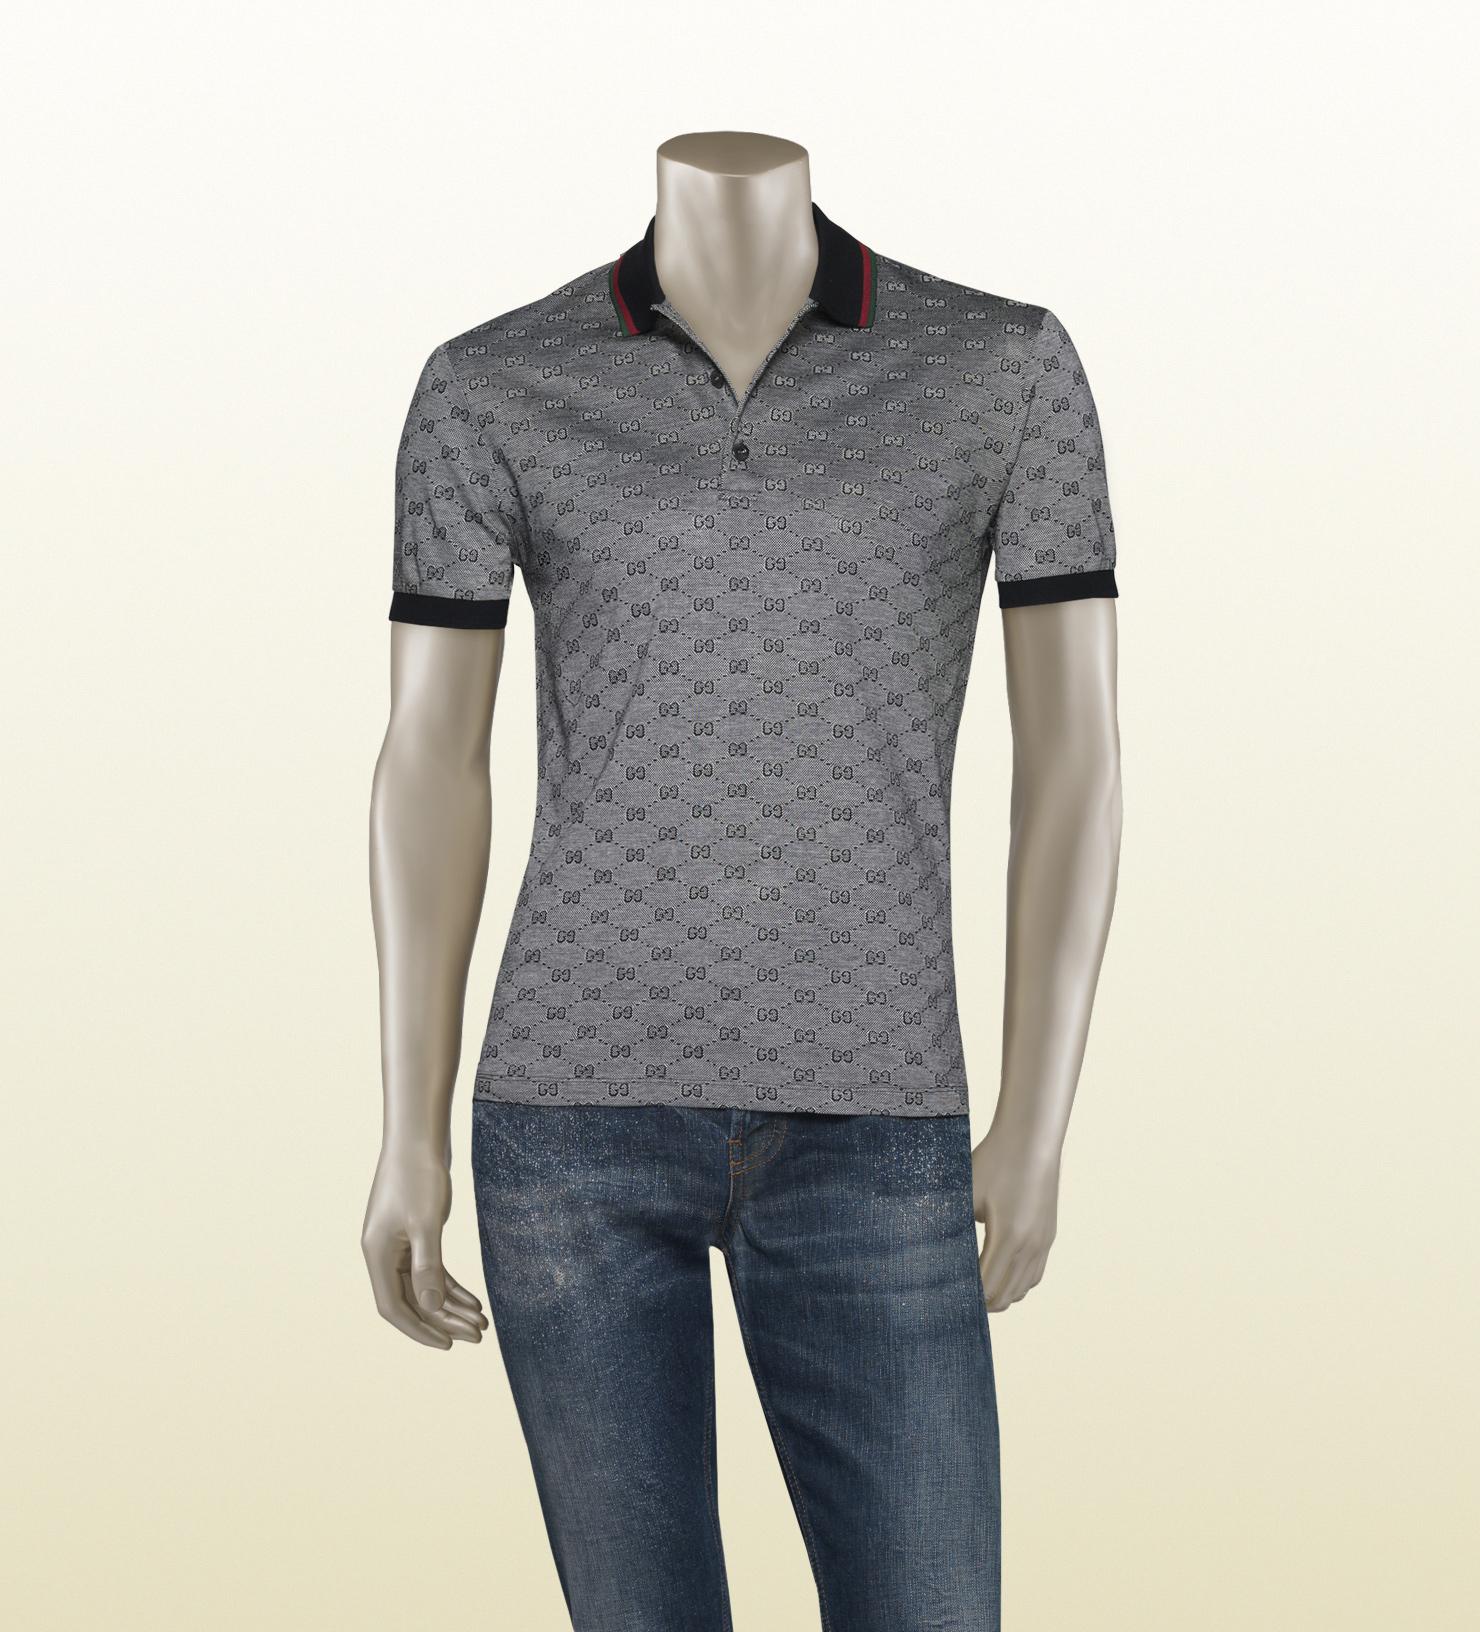 48366e33691 Lyst - Gucci Piqué Gg Jacquard Short Sleeve Polo in Gray for Men